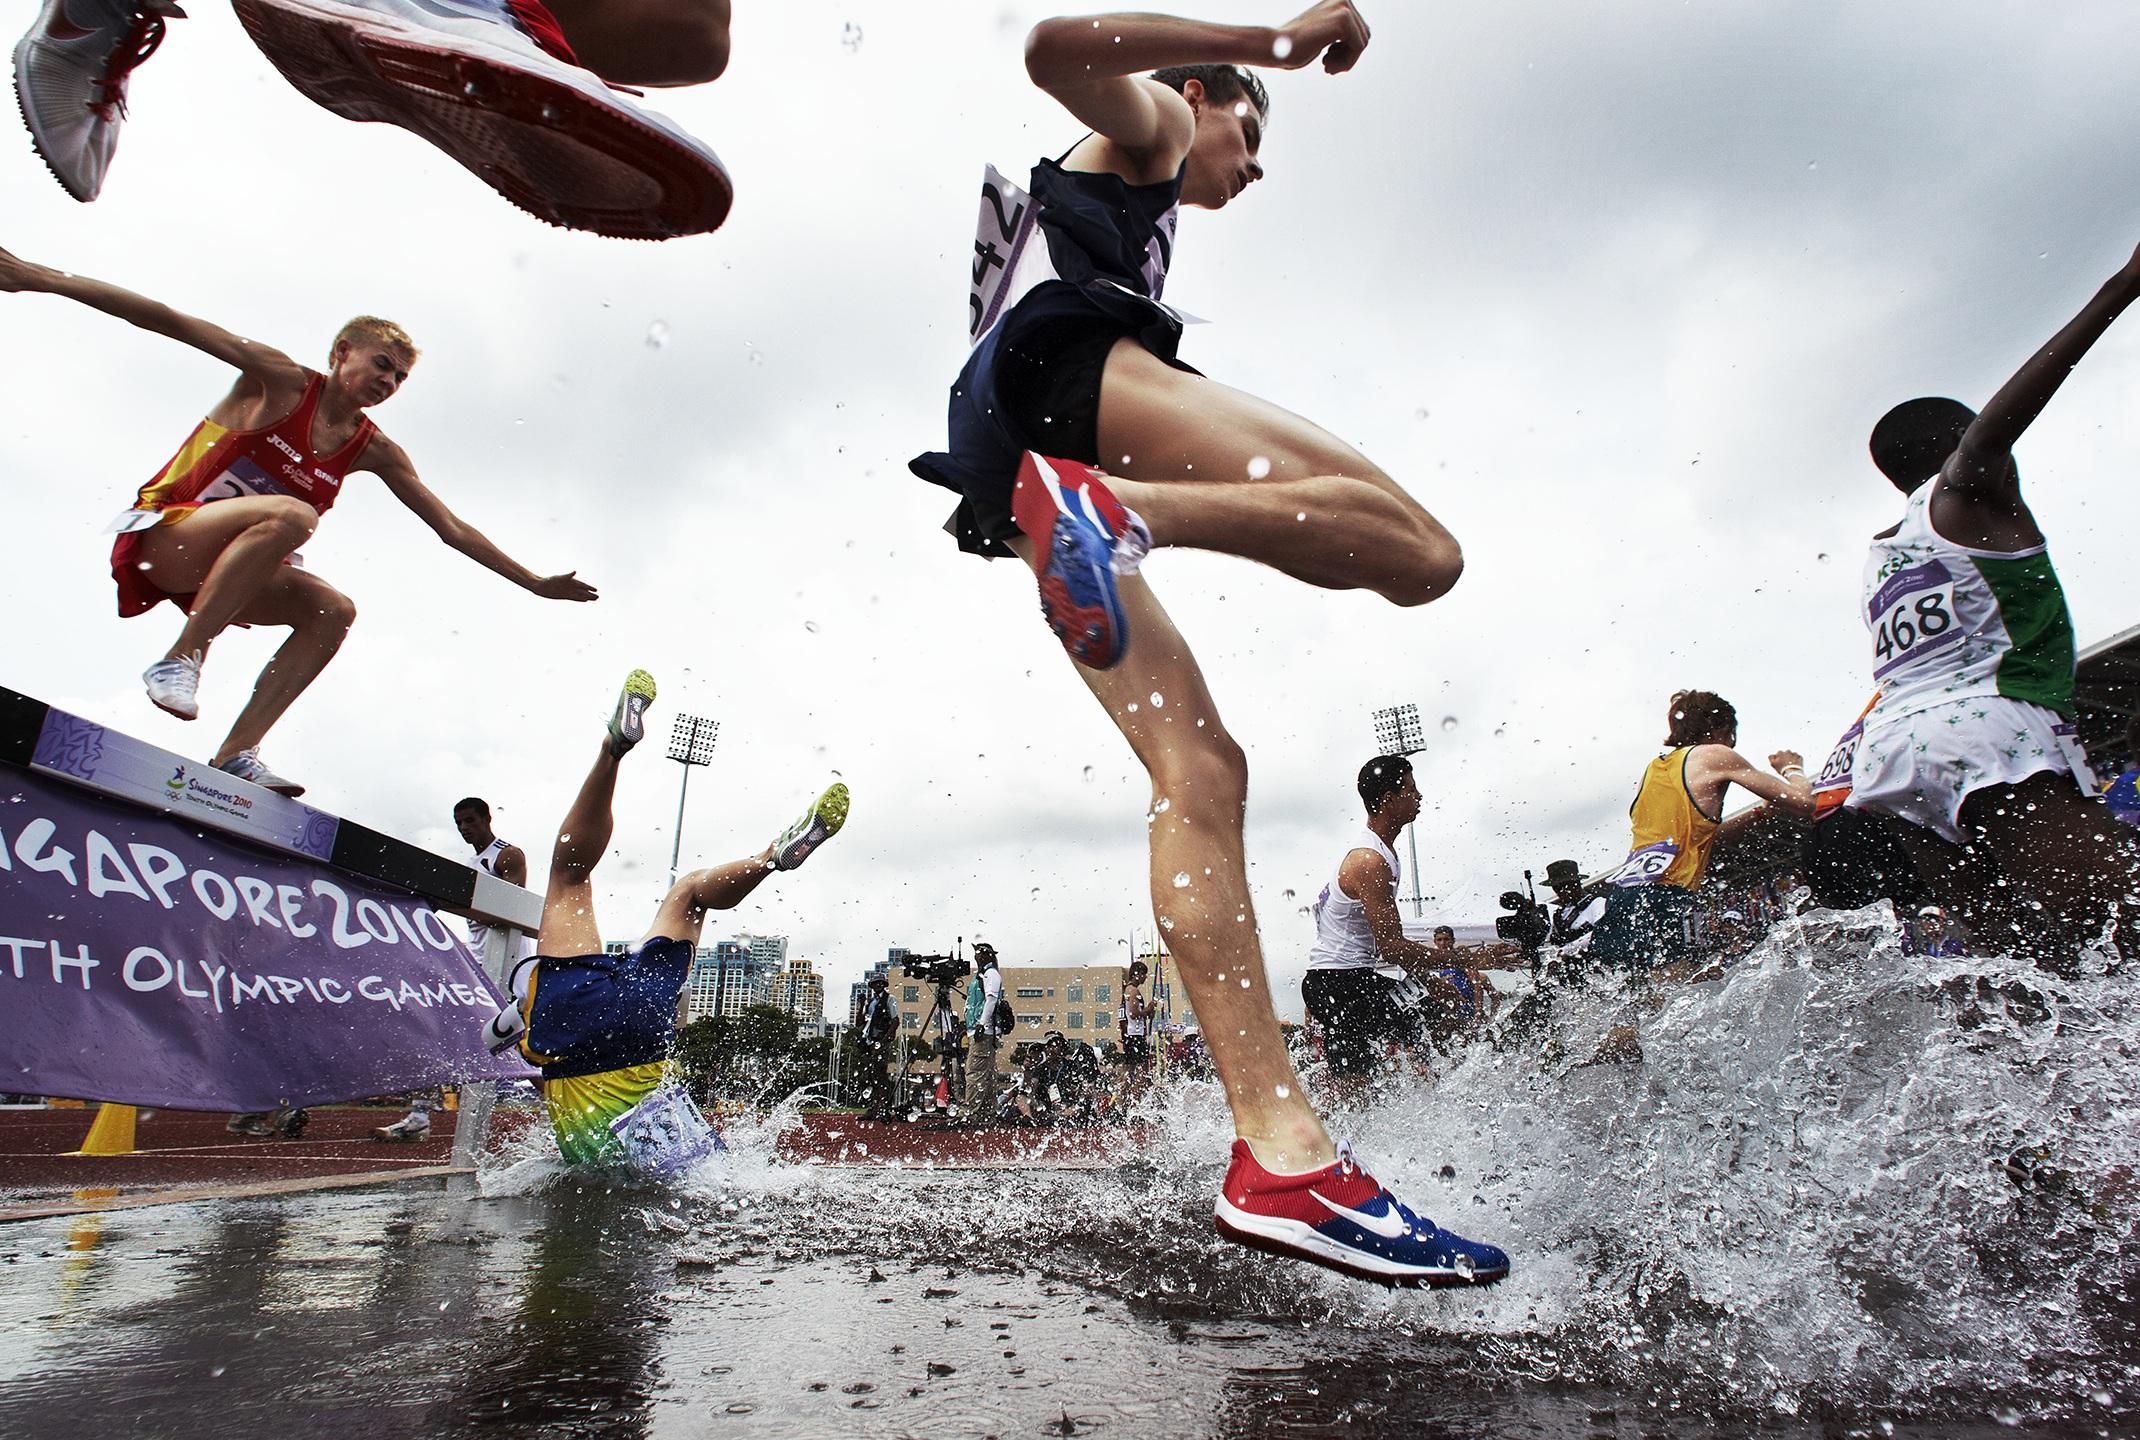 1. nagroda w kategorii Sport - reportaż: Adam Pretty, Australia, Getty Images,